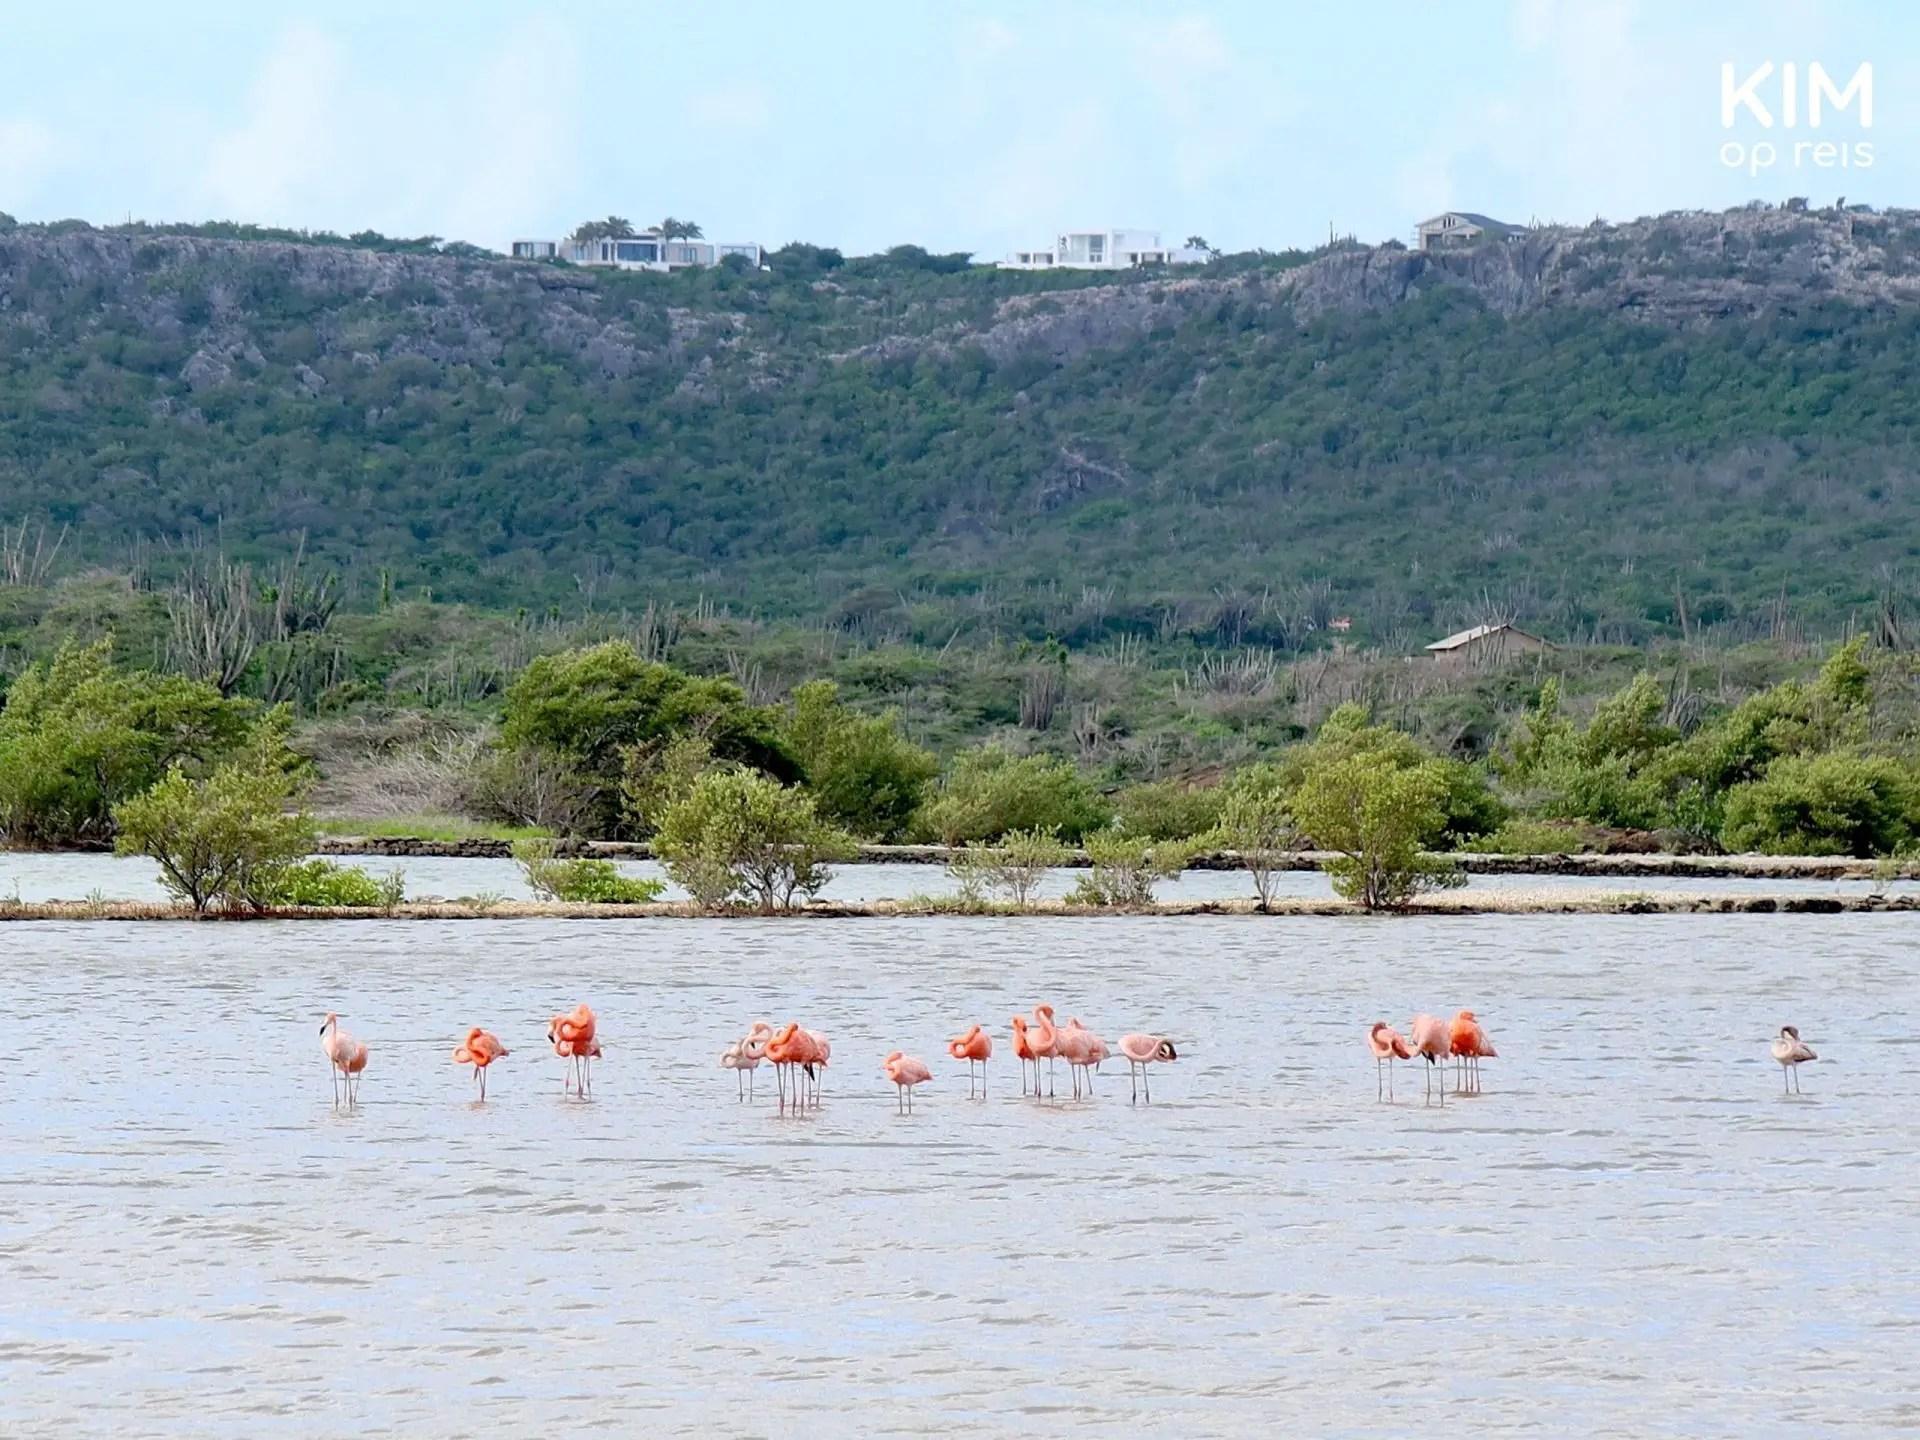 Flamingos Curaçao salt pans